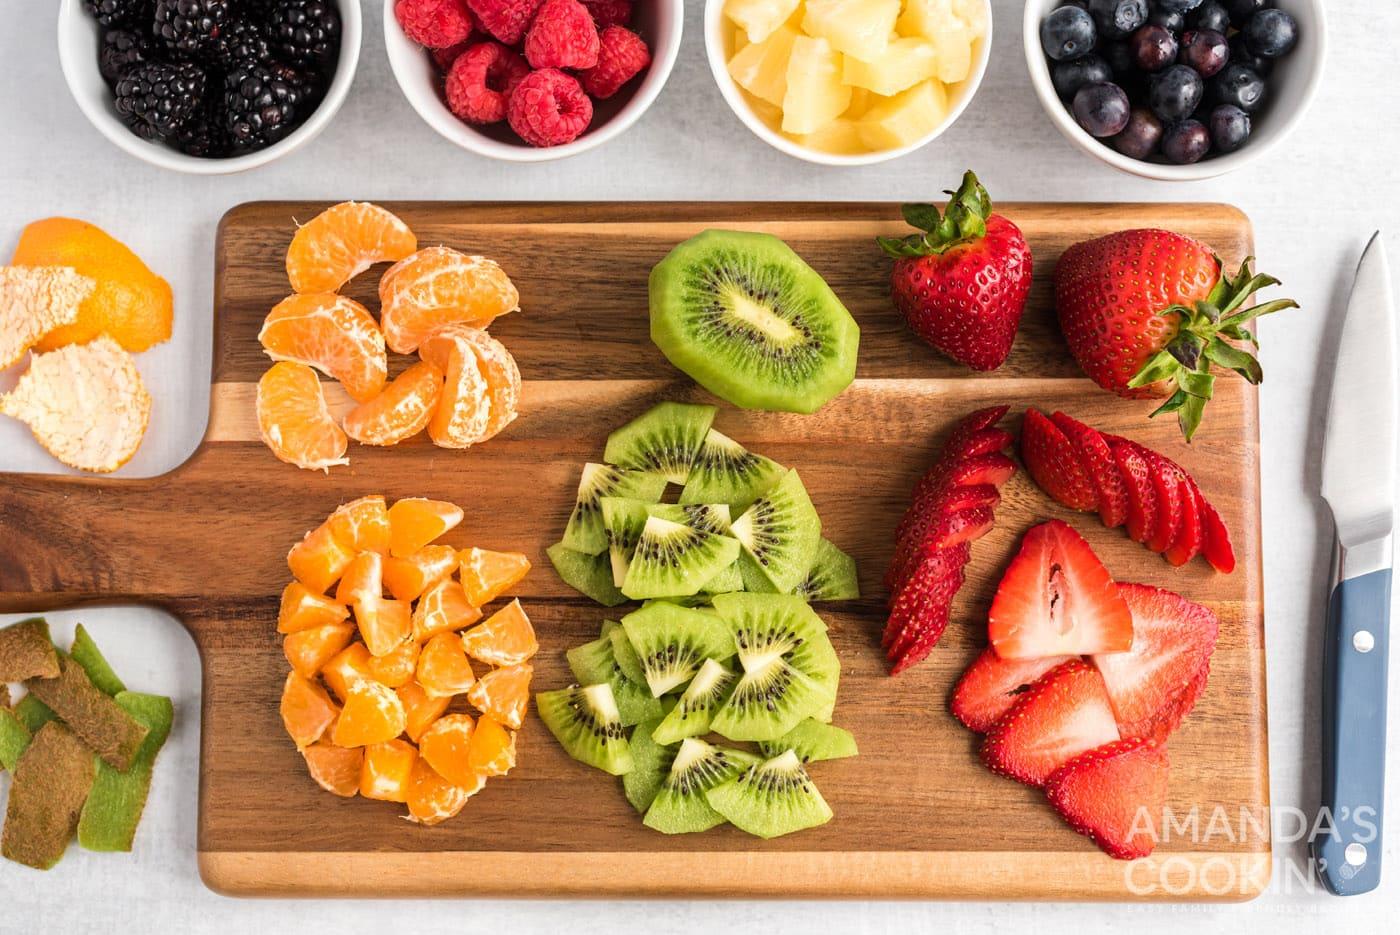 mandarin oranges, kiwi, and strawberries on cutting board